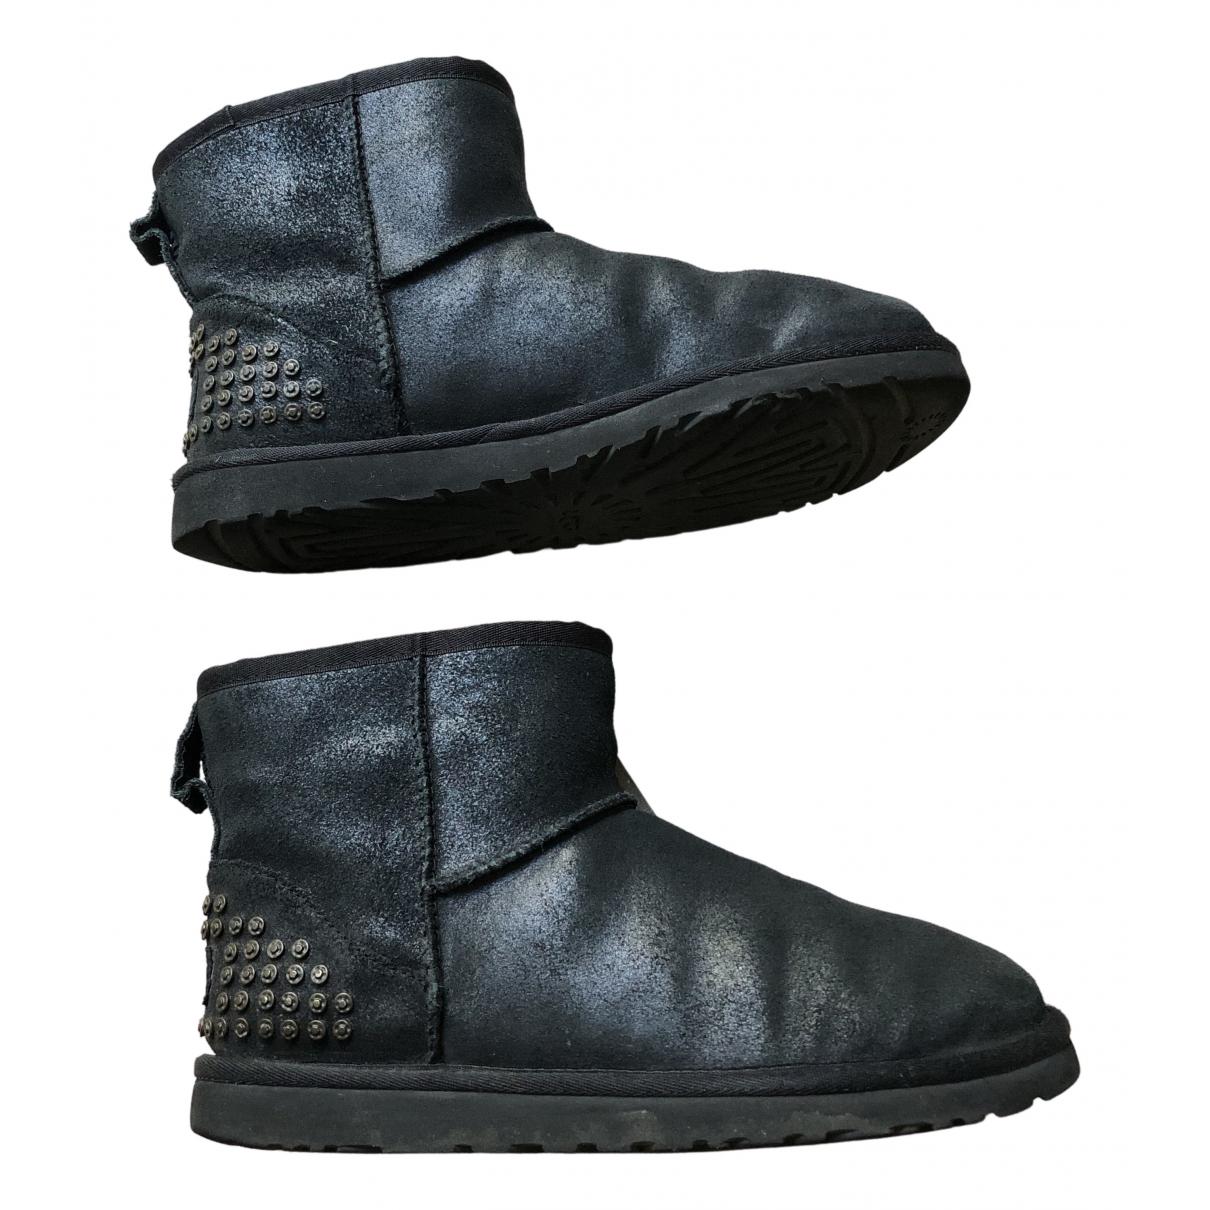 Ugg - Boots   pour femme en cuir verni - noir